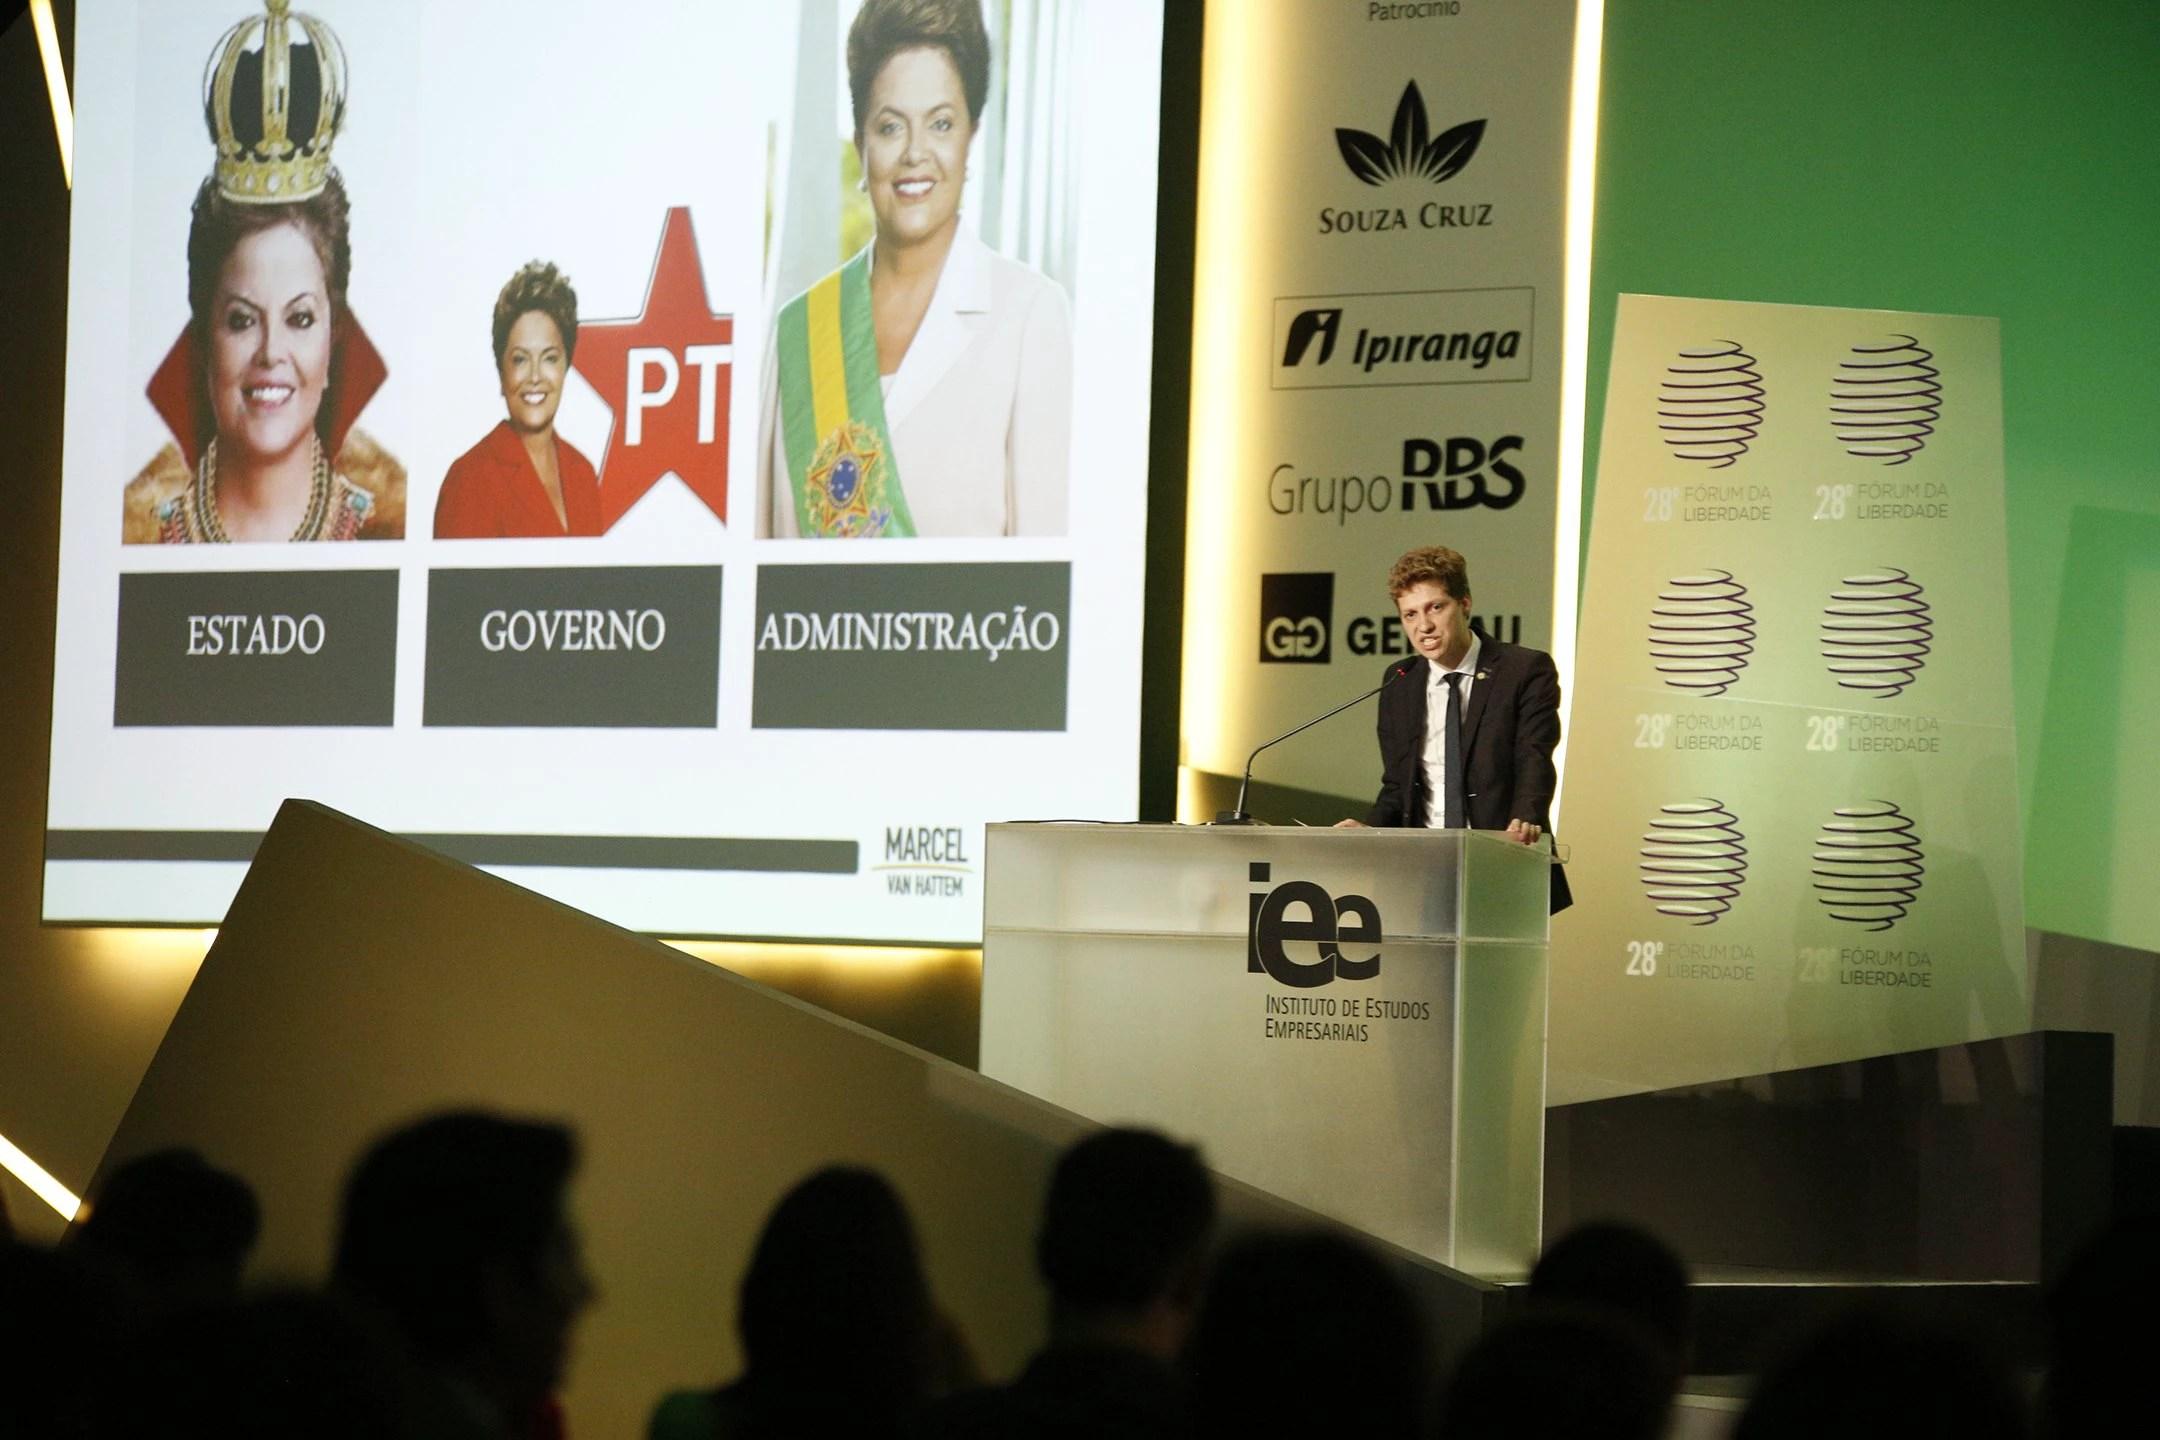 Marcel Van Hattem, deputado do PP-RS, apresenta sua teoria sobre o governo brasileiro. Foto: Fernando Conrado